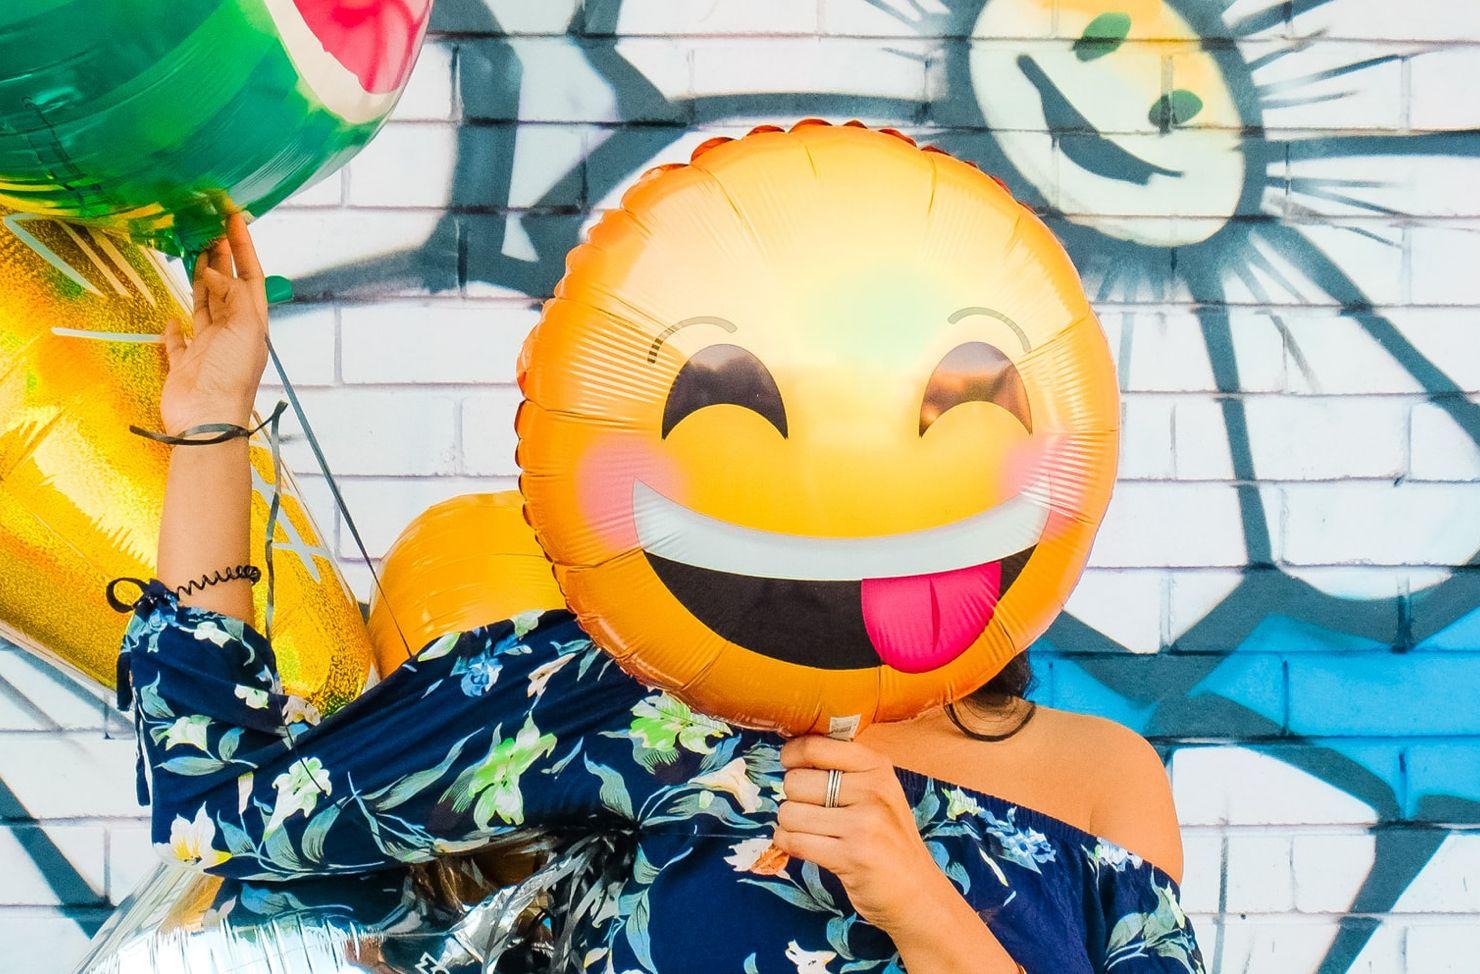 laughing balloon emoji